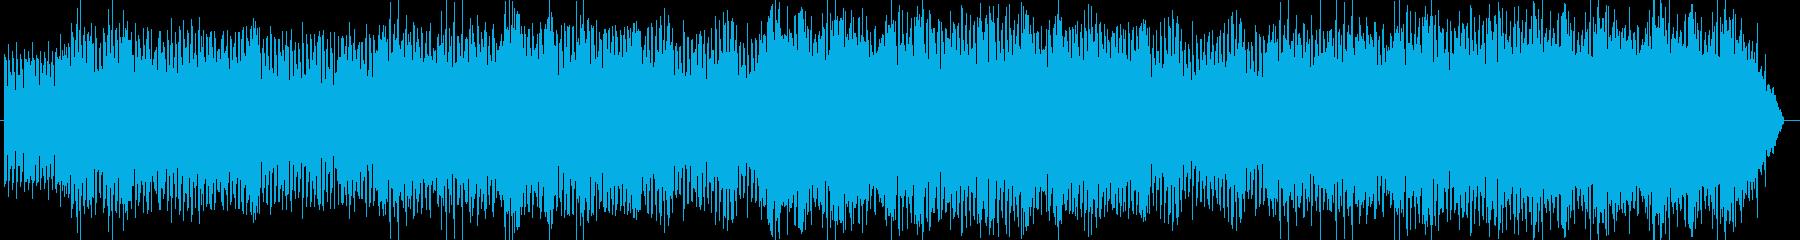 これはフランス革命を表した曲です。ちな…の再生済みの波形